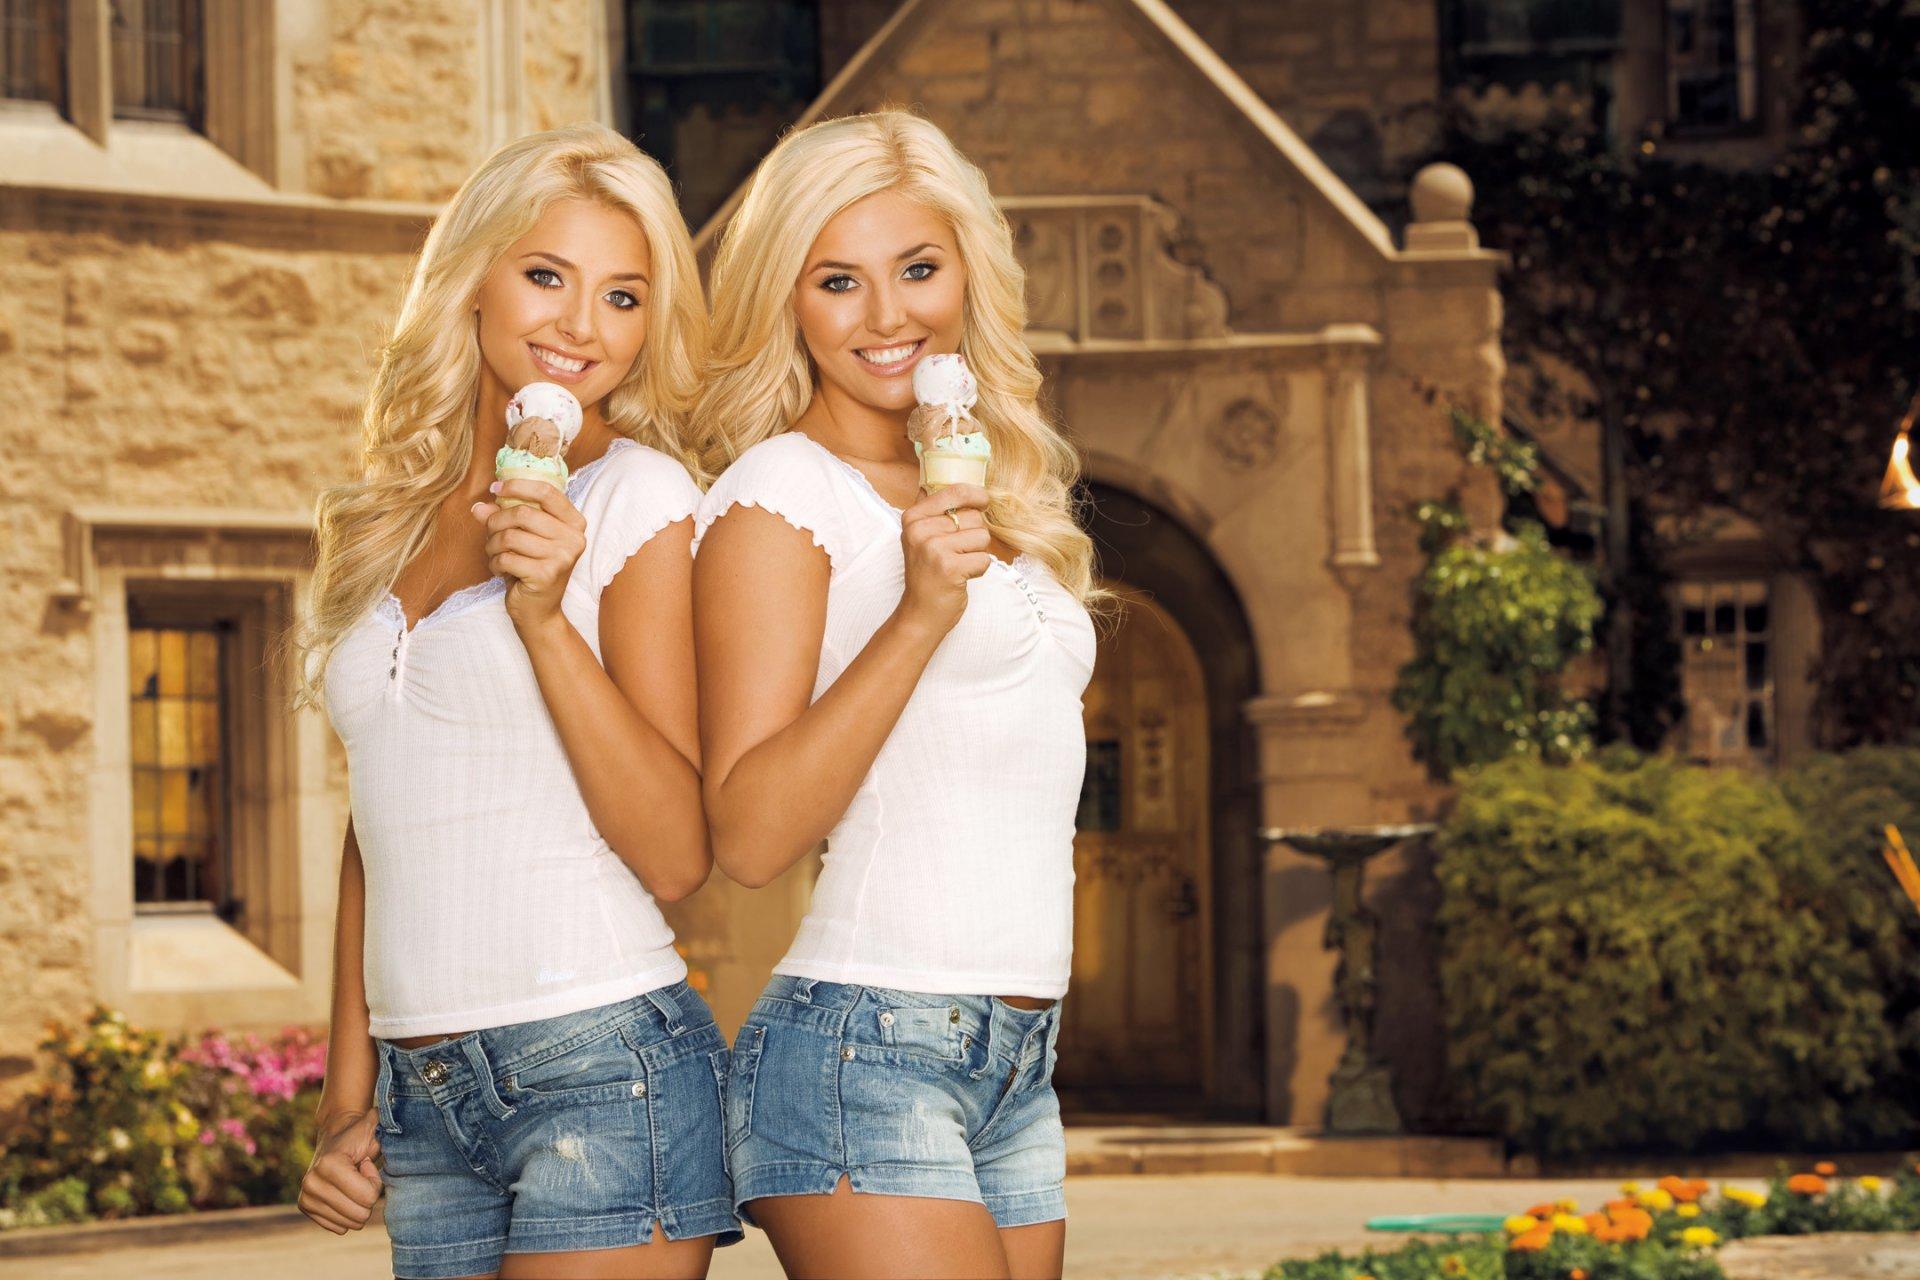 правильно две красивые блондинки и парень в хорошем качестве того чтобы